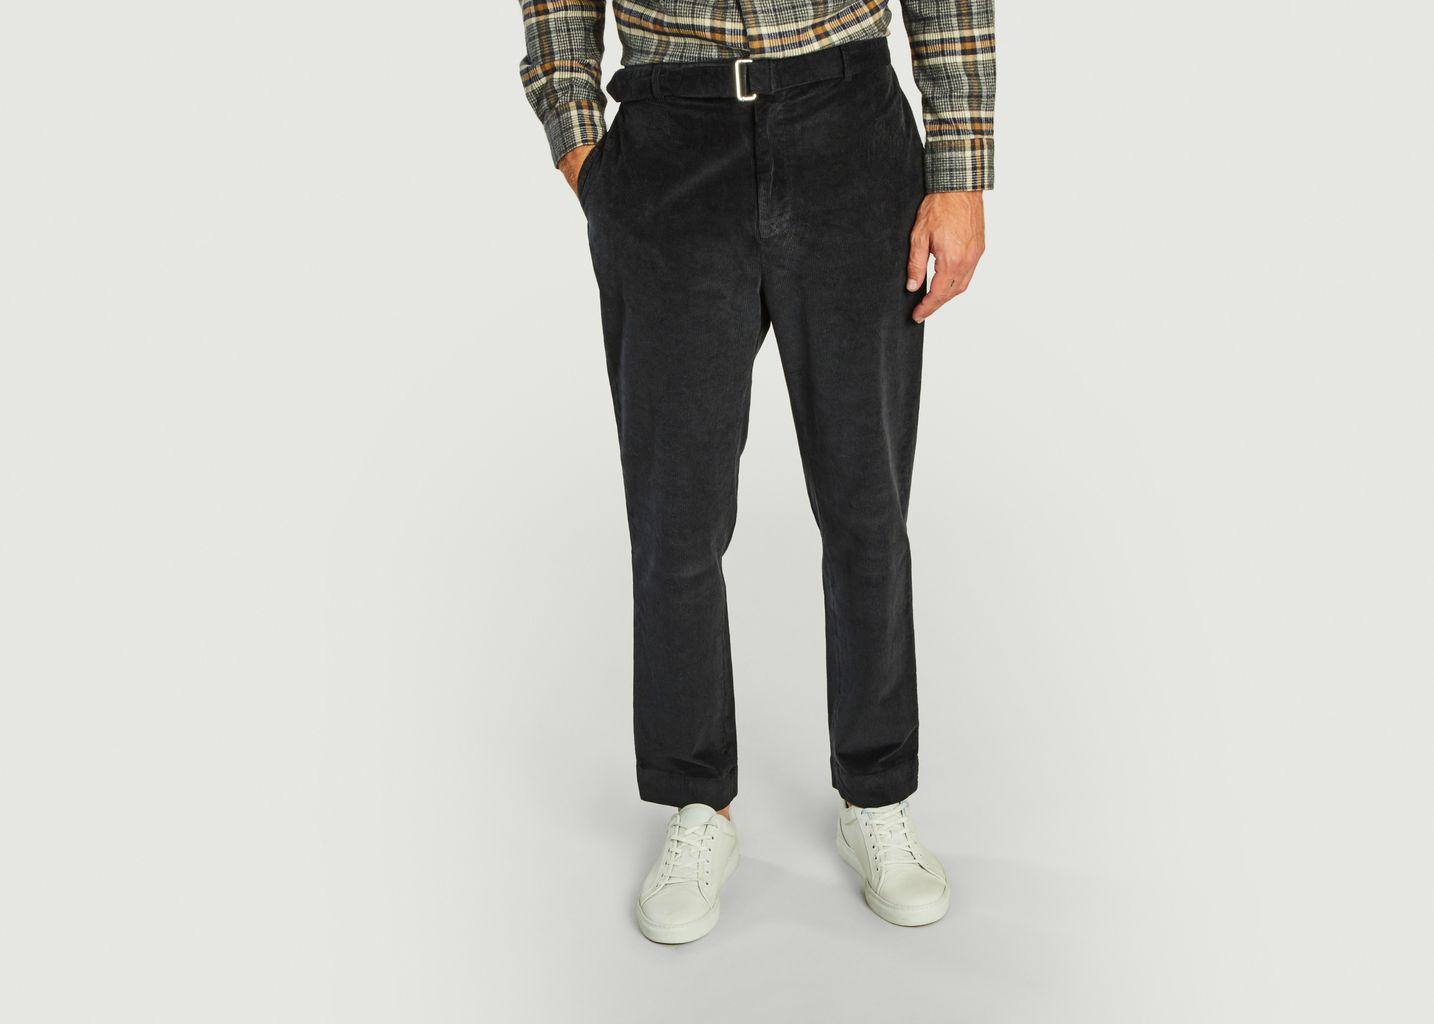 Pantalon Owen  - Officine Générale